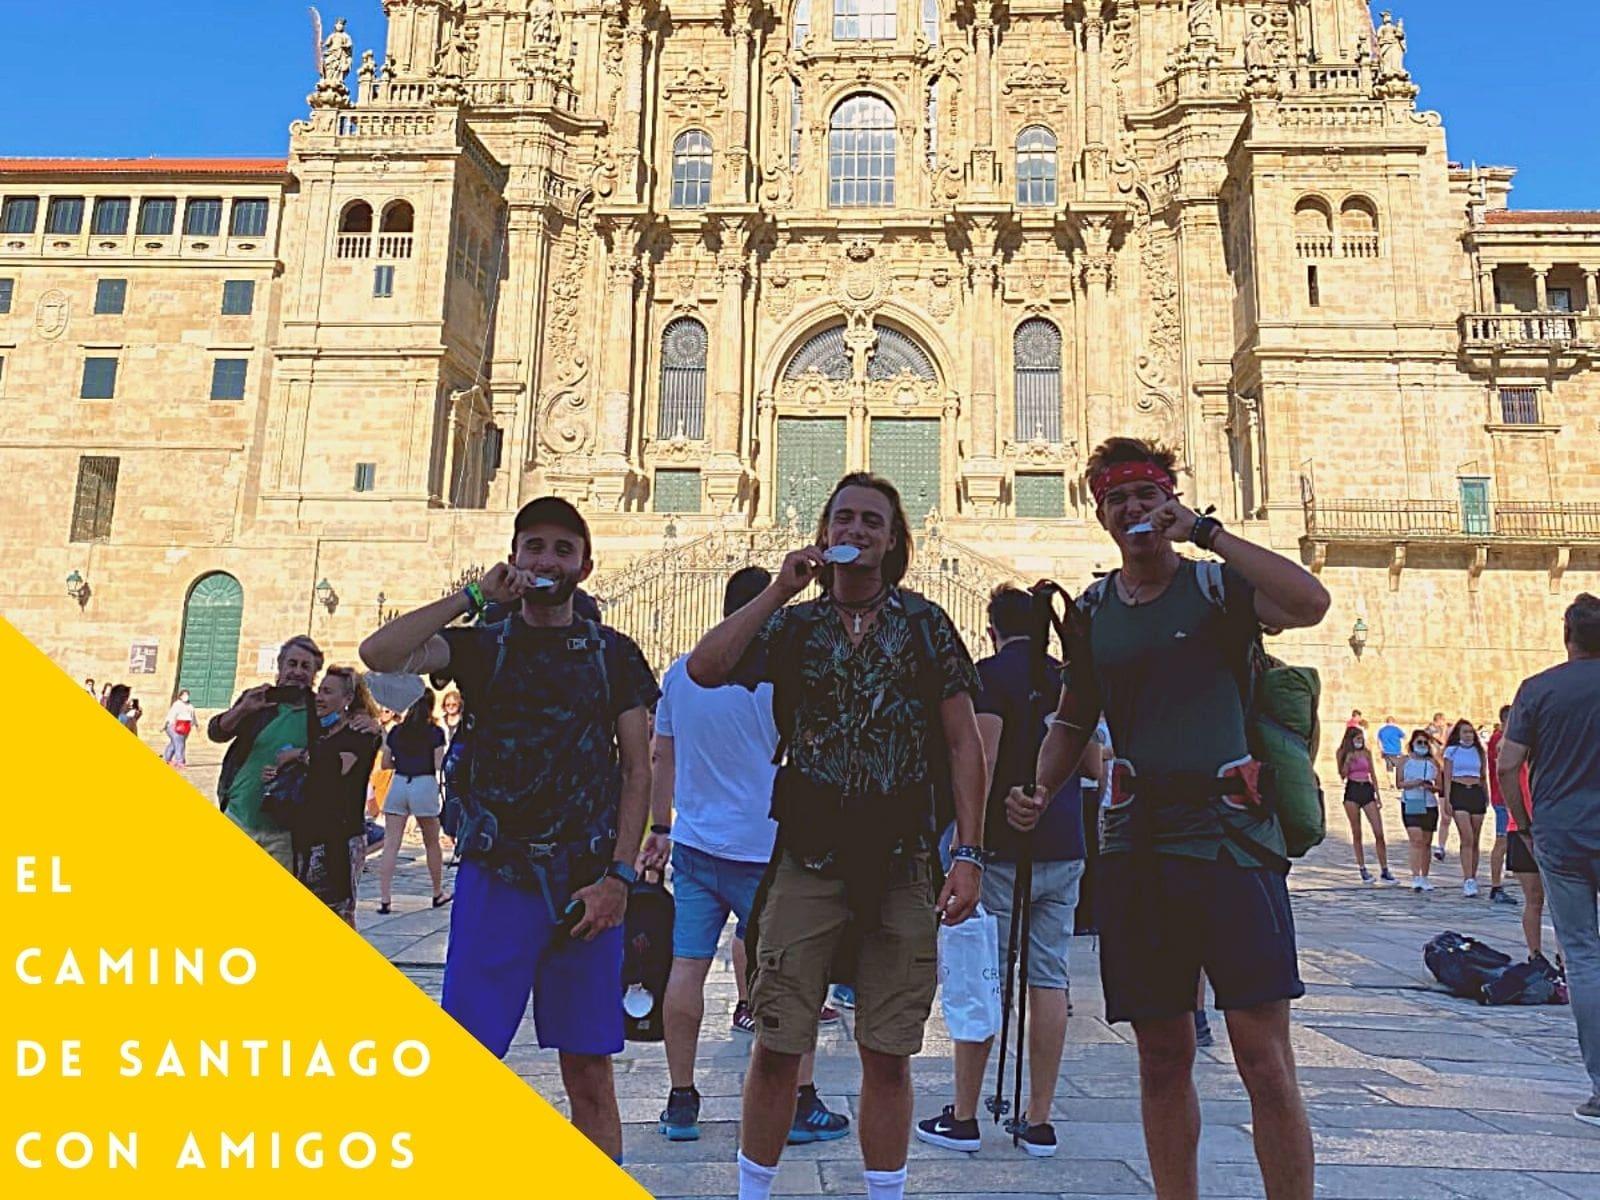 El camino de Santiago con amigos galiwonders